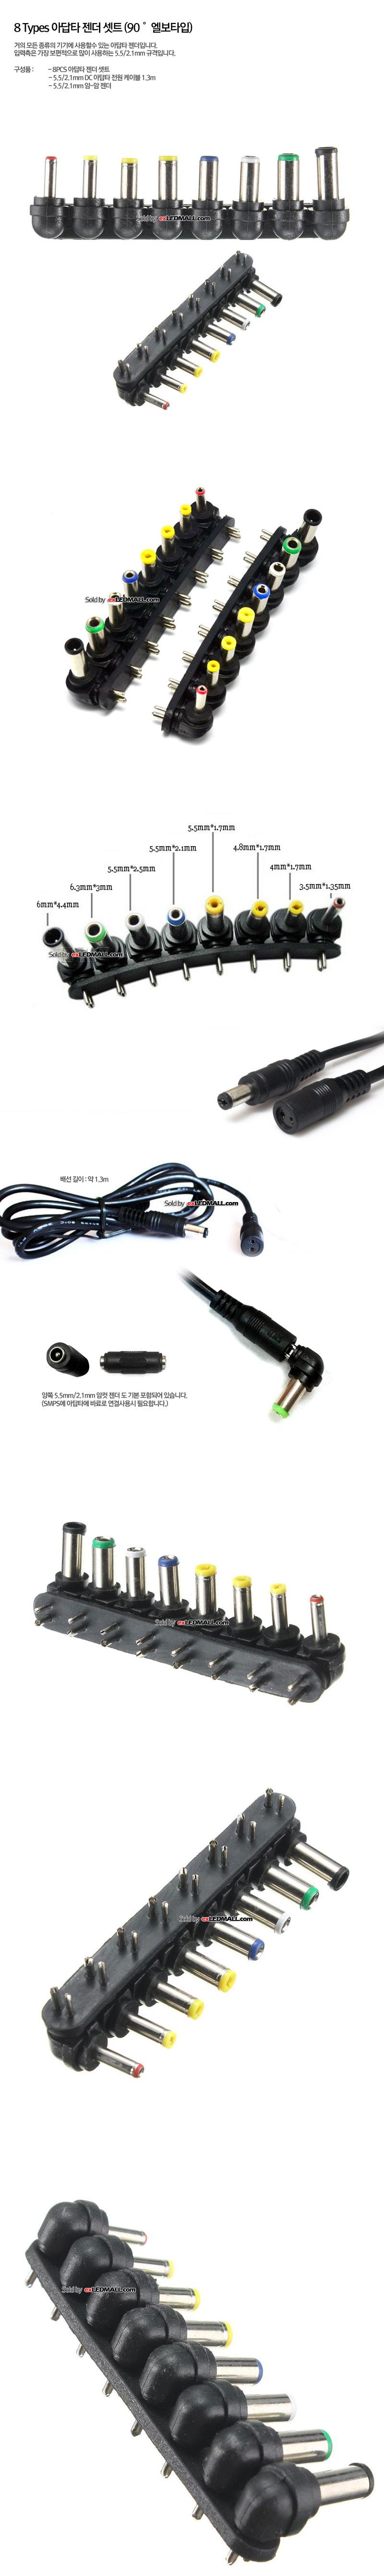 8 Types 아답타 젠더 셋트 (90˚ 엘보타입) 5.5/2.1mm DC 아답타 짹용 1.3m 케이블+암/암 젠더